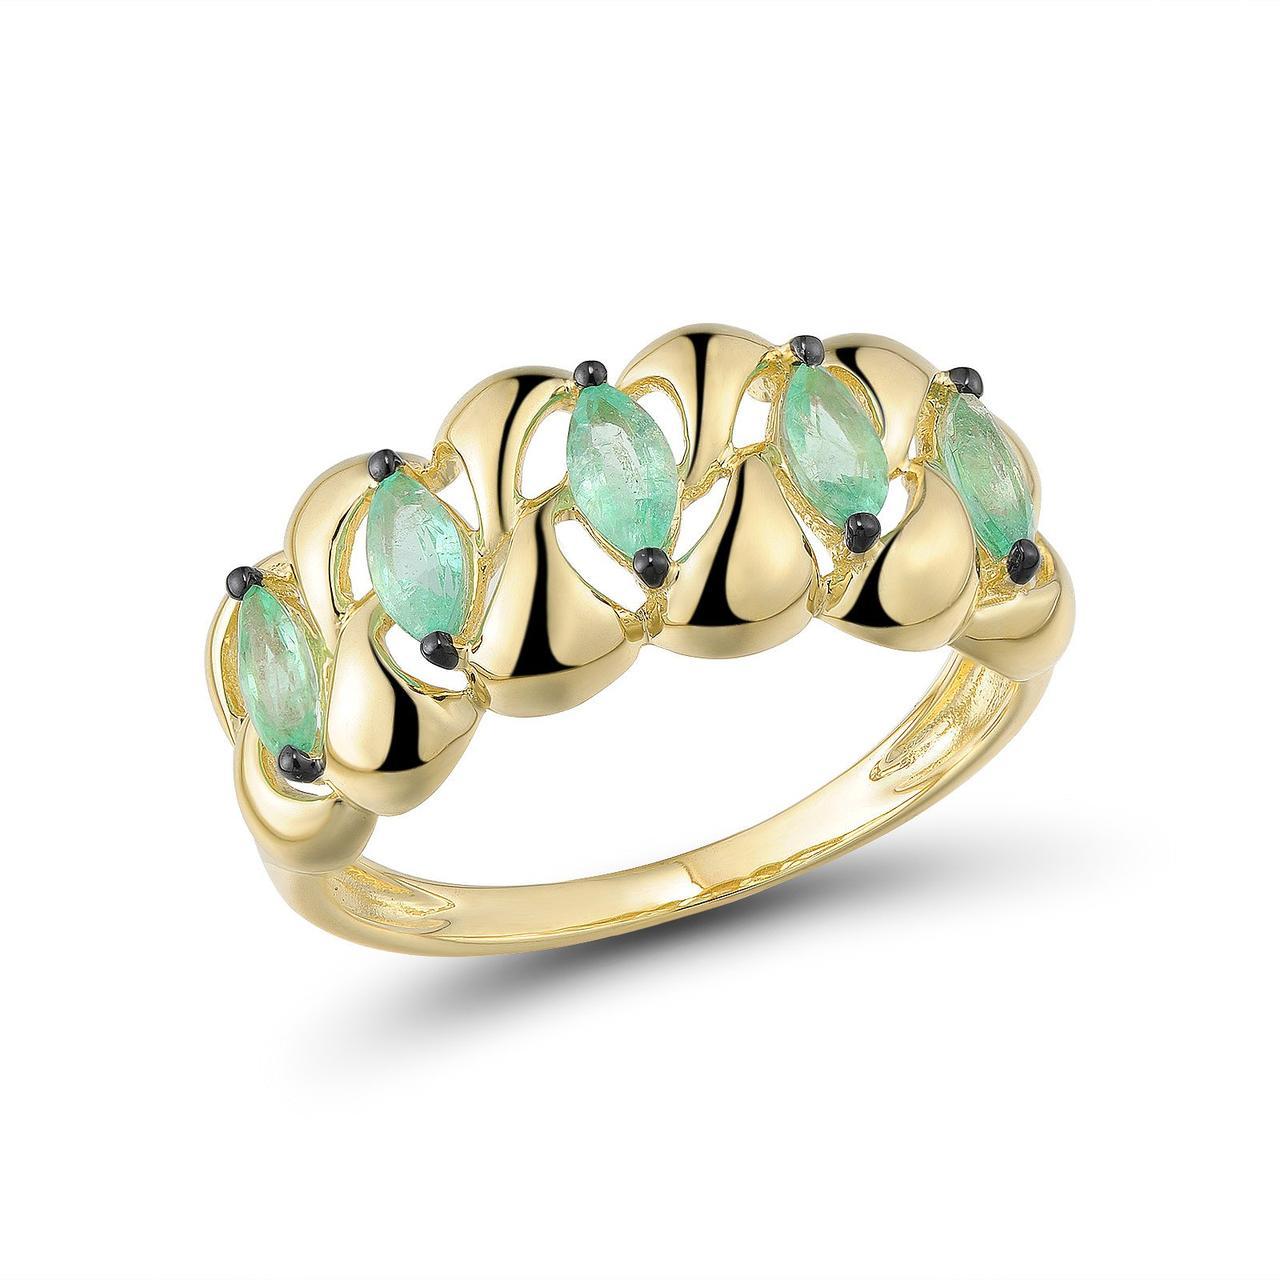 Золотое кольцо с изумрудами, размер 16.5 (1624250)